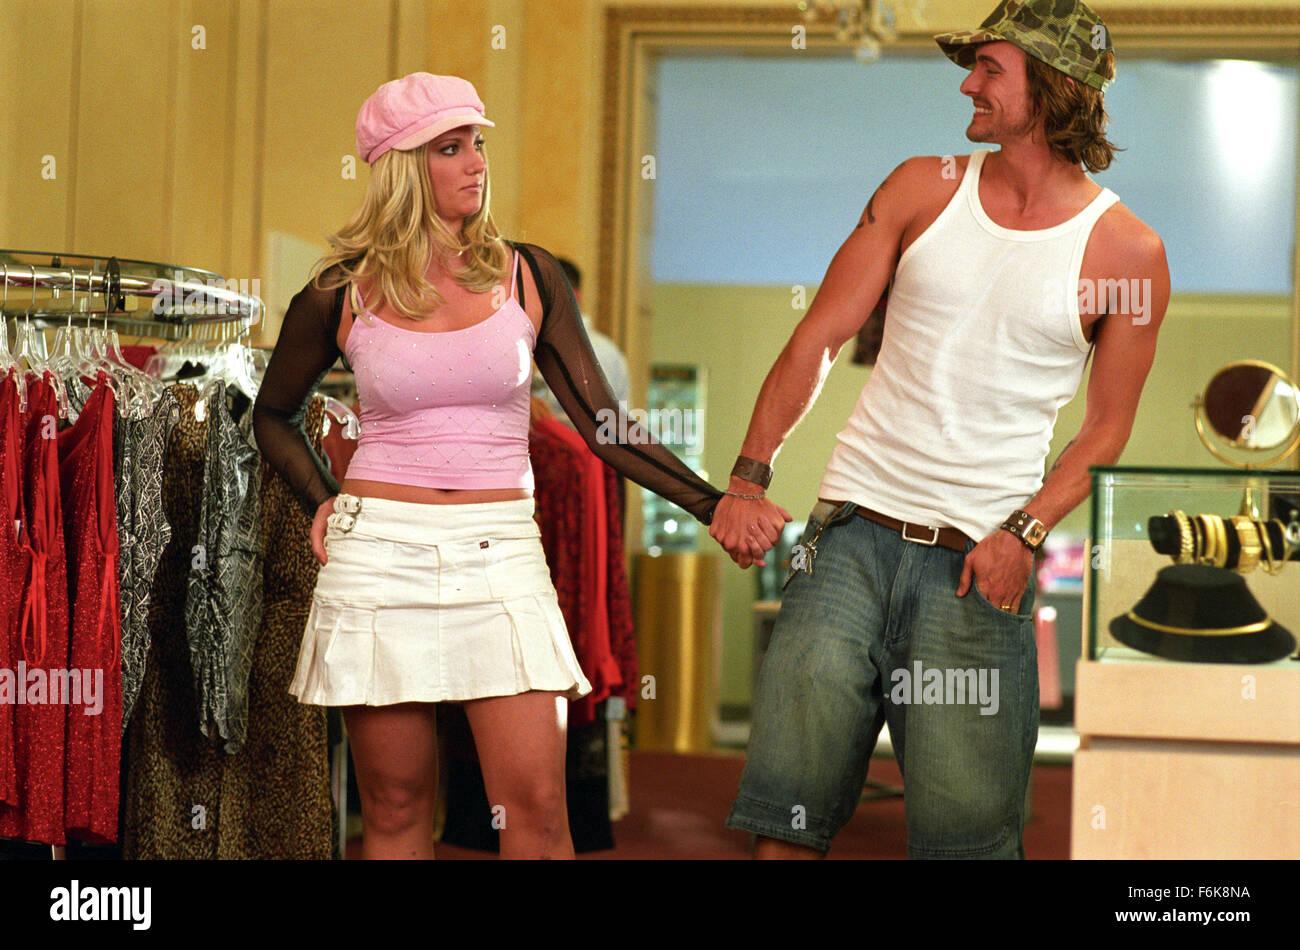 release-date-feburary-17-2006-movie-titl